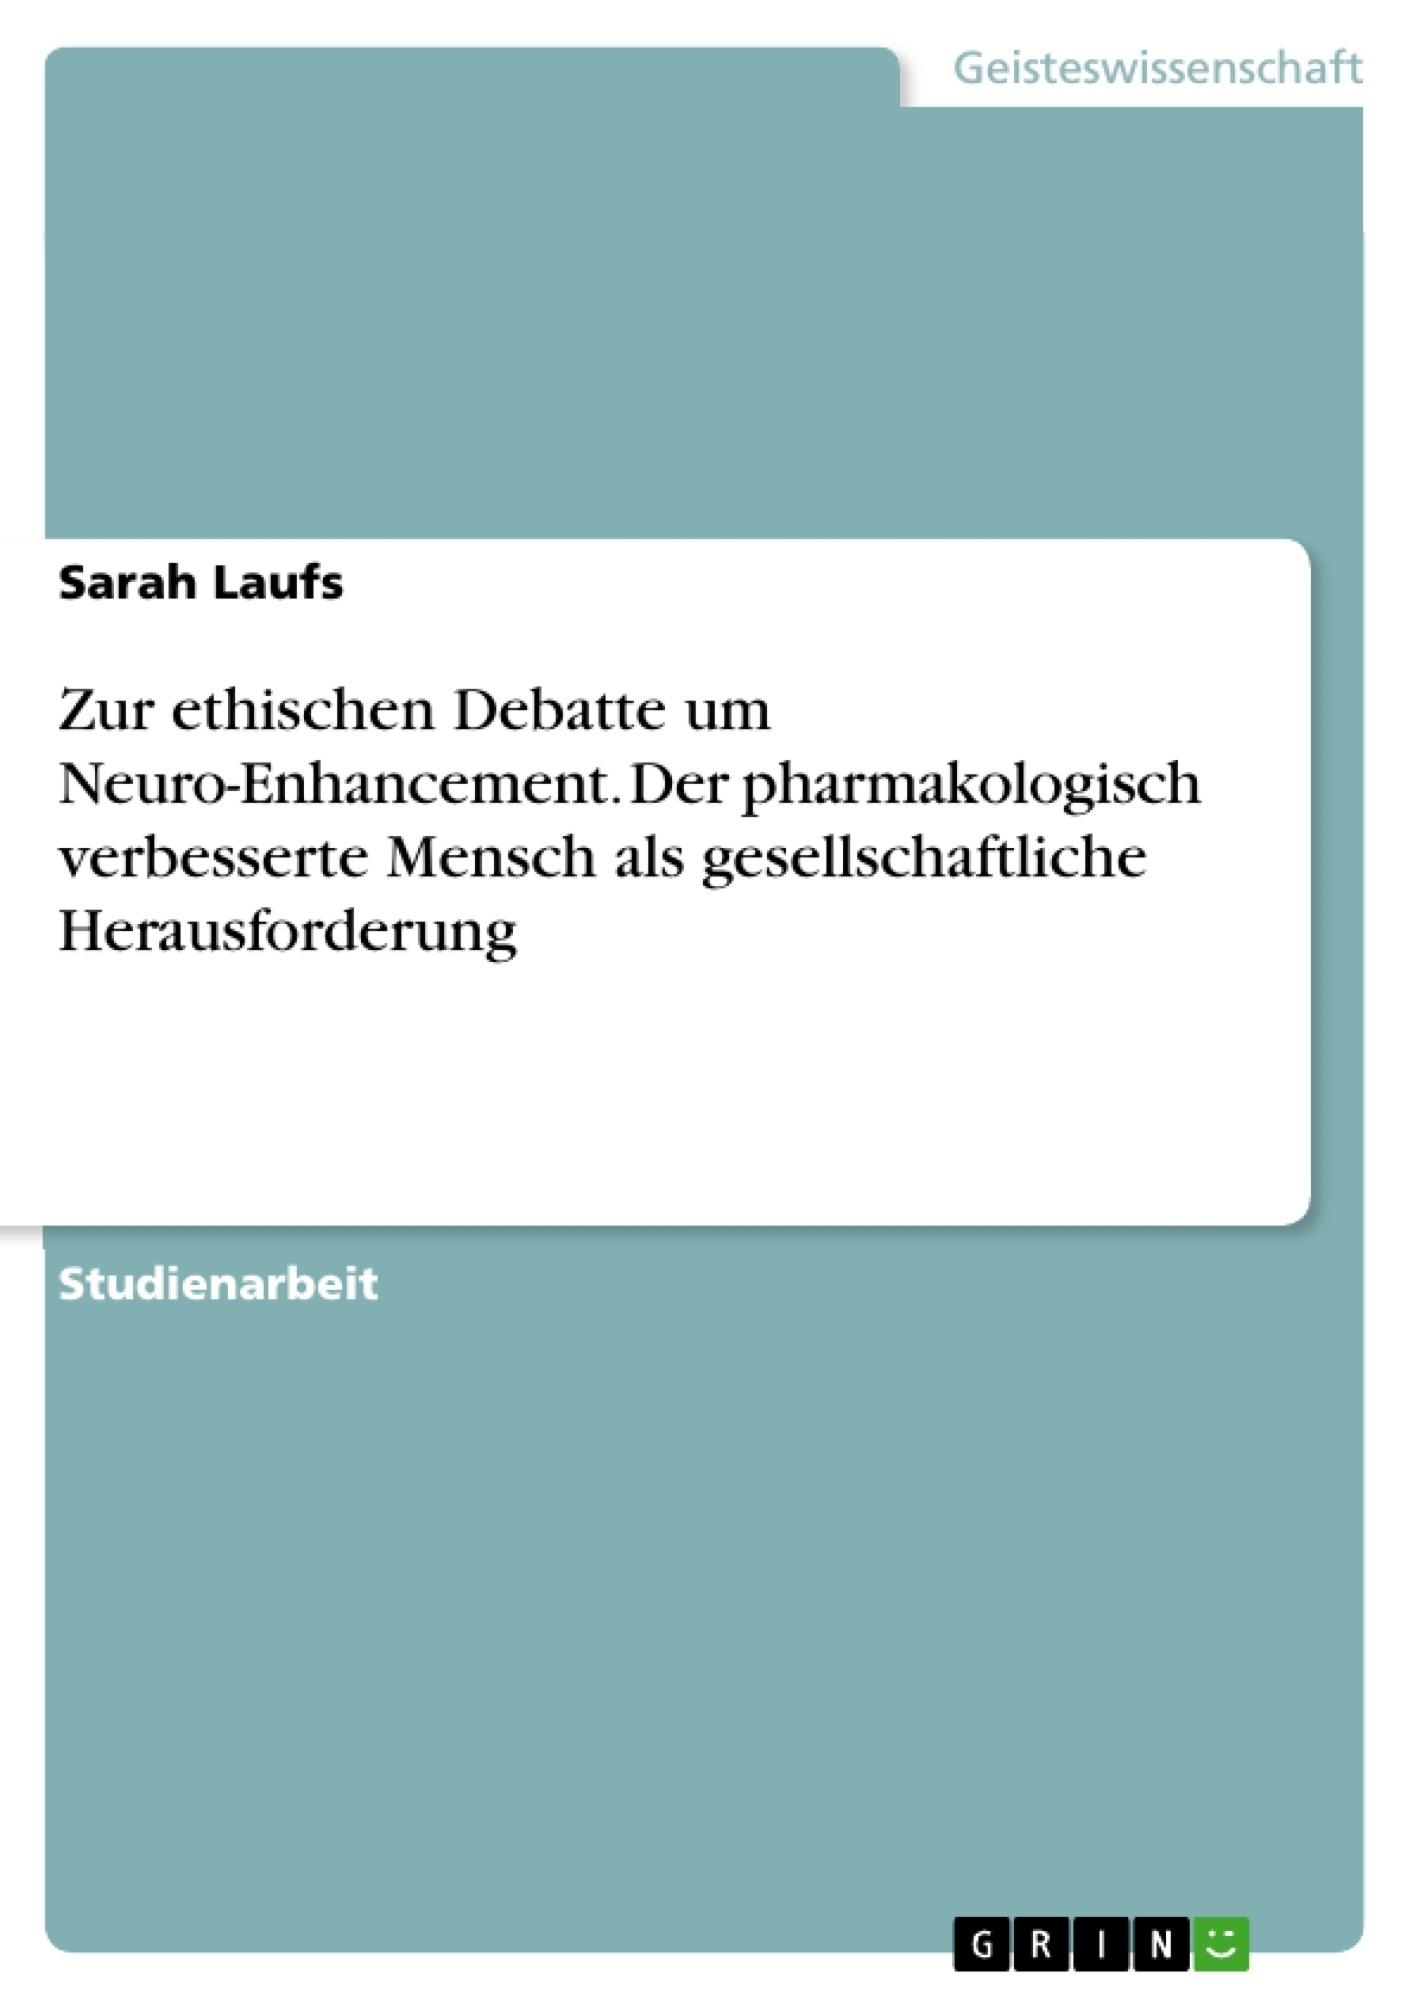 Titel: Zur ethischen Debatte um Neuro-Enhancement. Der pharmakologisch verbesserte Mensch als gesellschaftliche Herausforderung